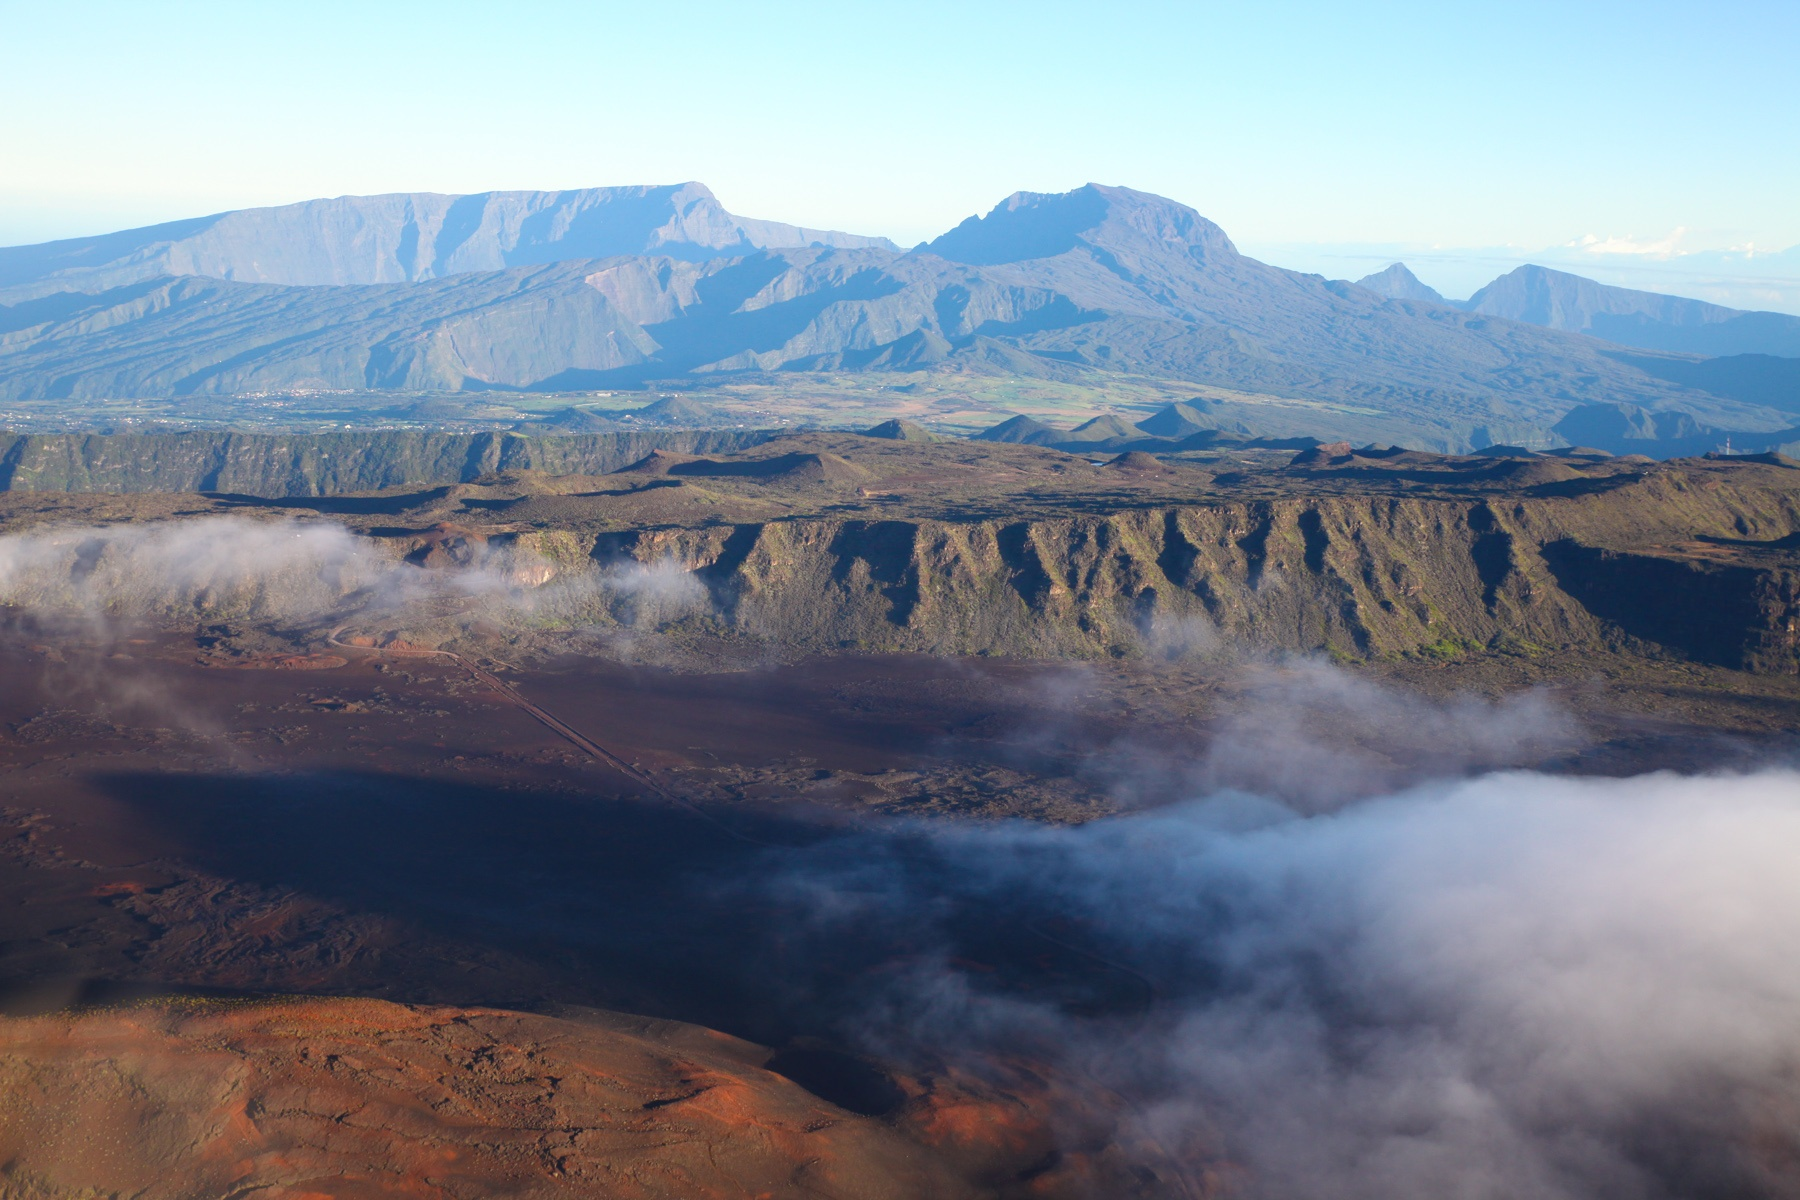 La Réunion Highlights: Helikopter Flug über die Insel